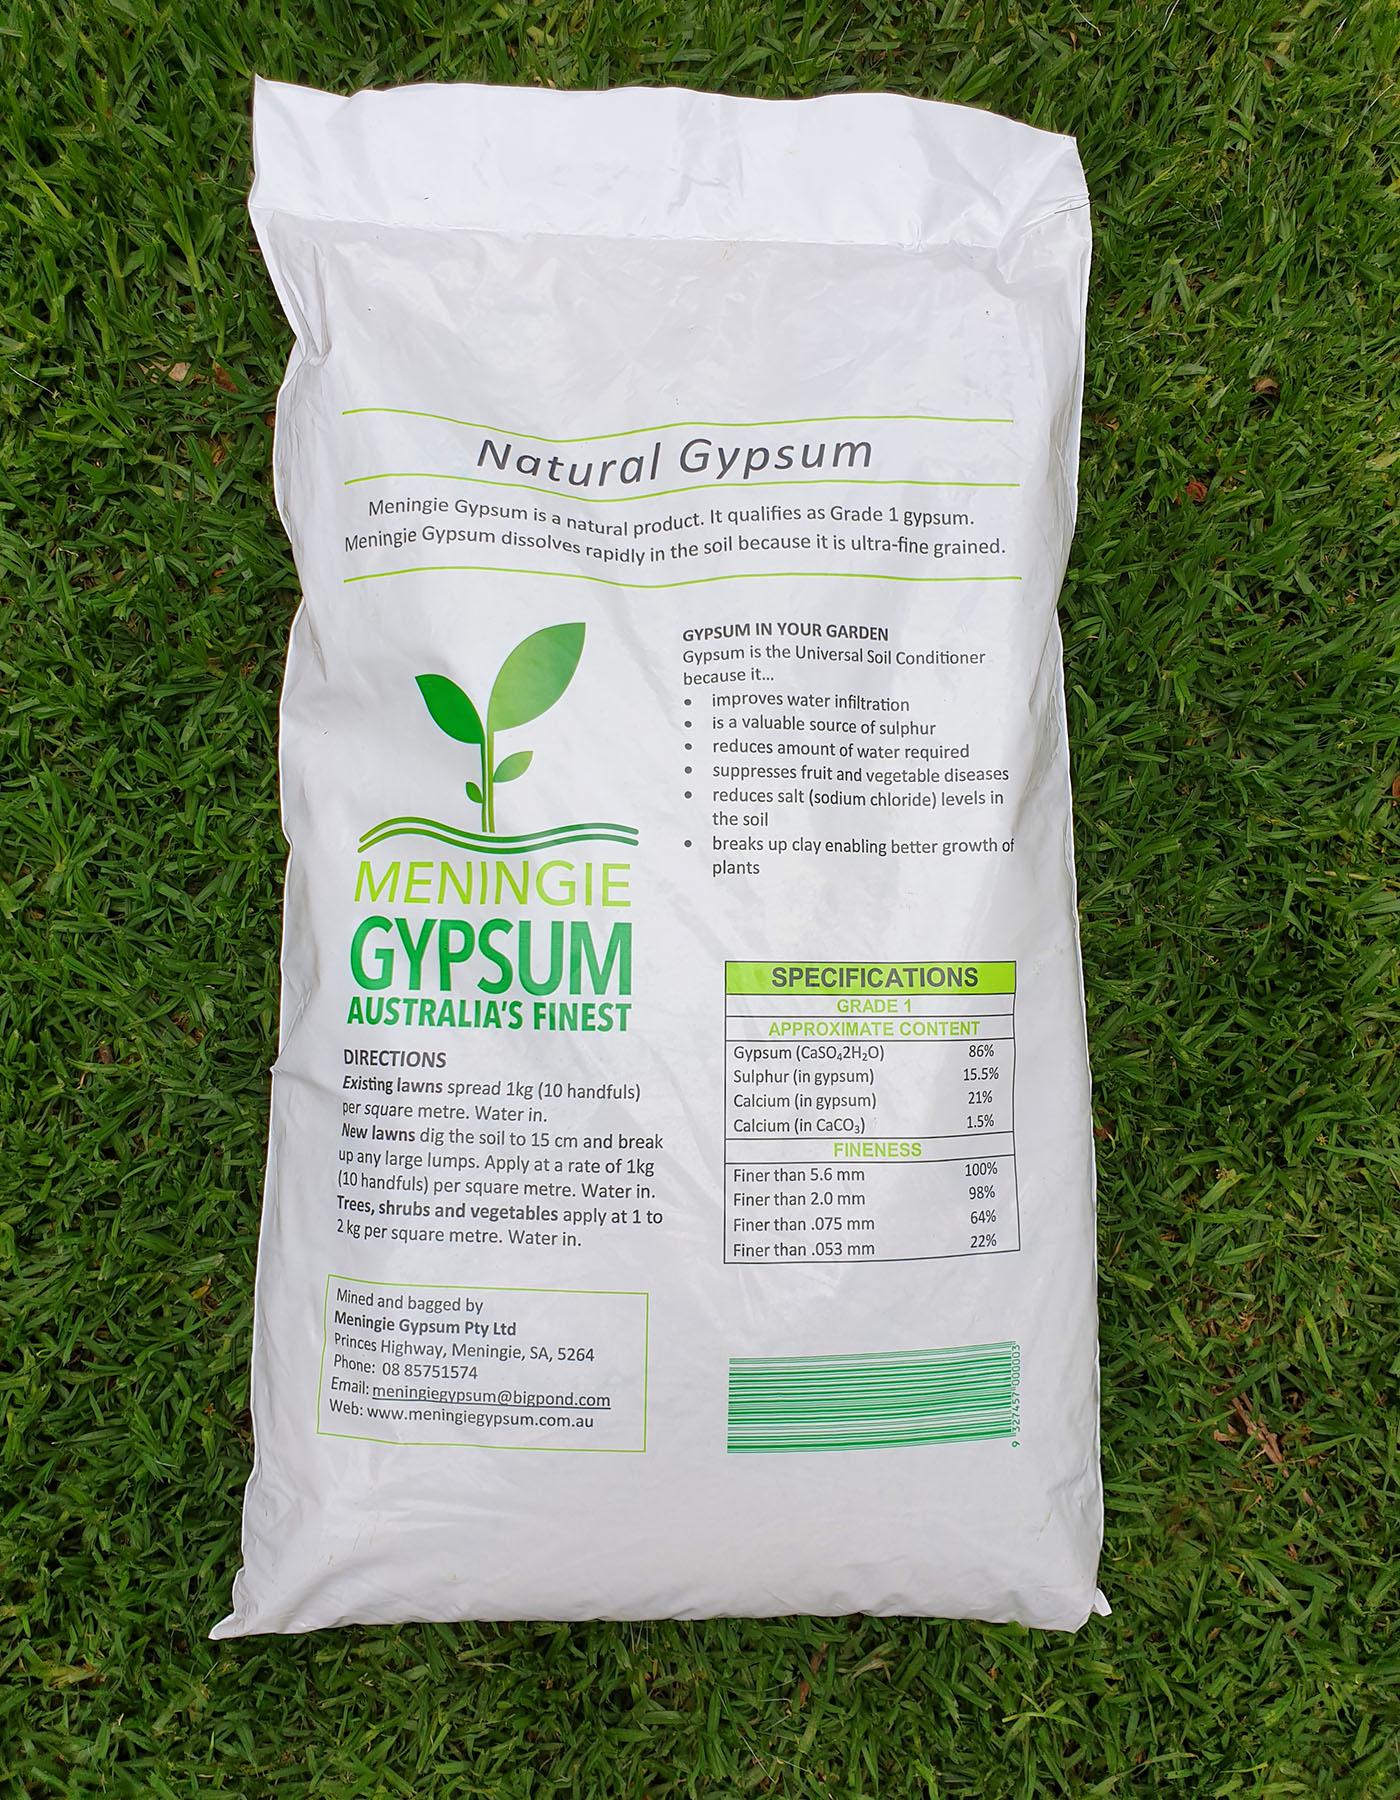 back of Meningie Gypsum bag